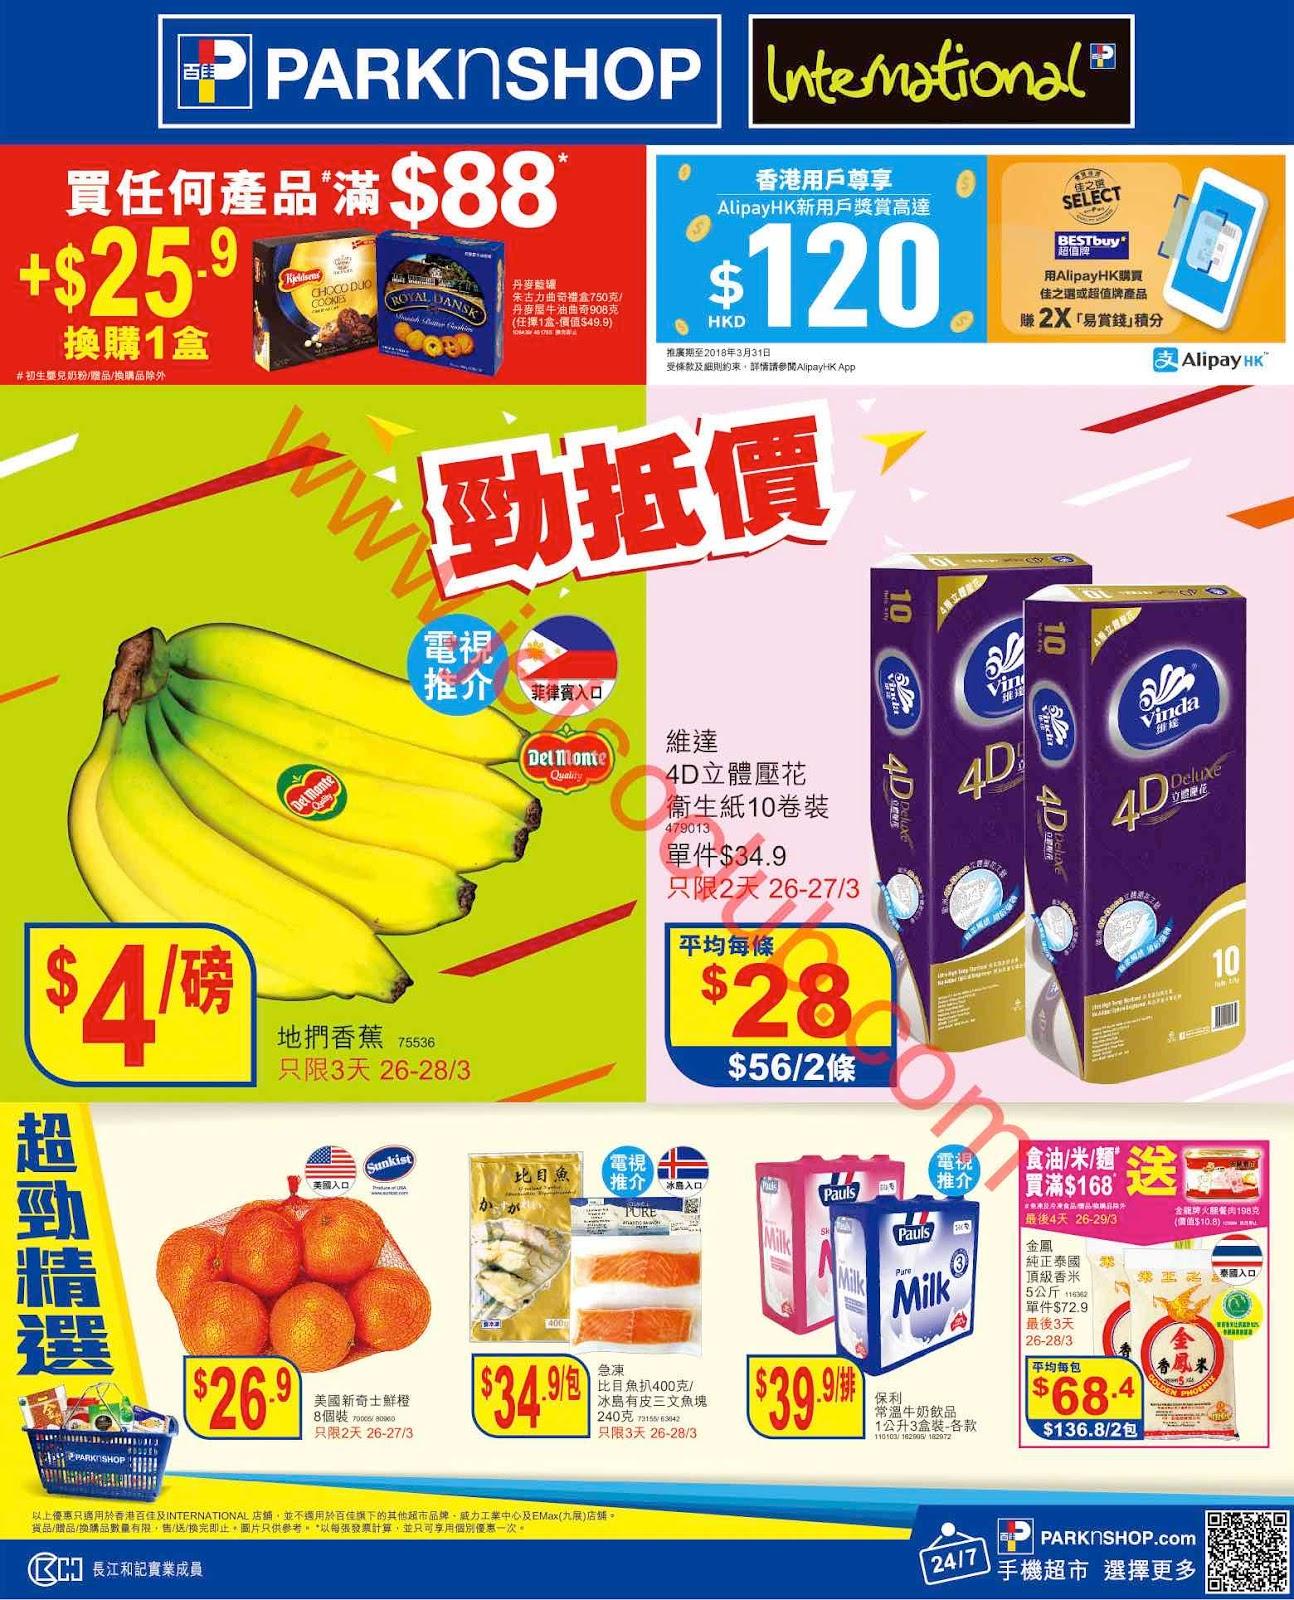 百佳/惠康超級市場最新優惠(26/3) ( Jetso Club 著數俱樂部 )